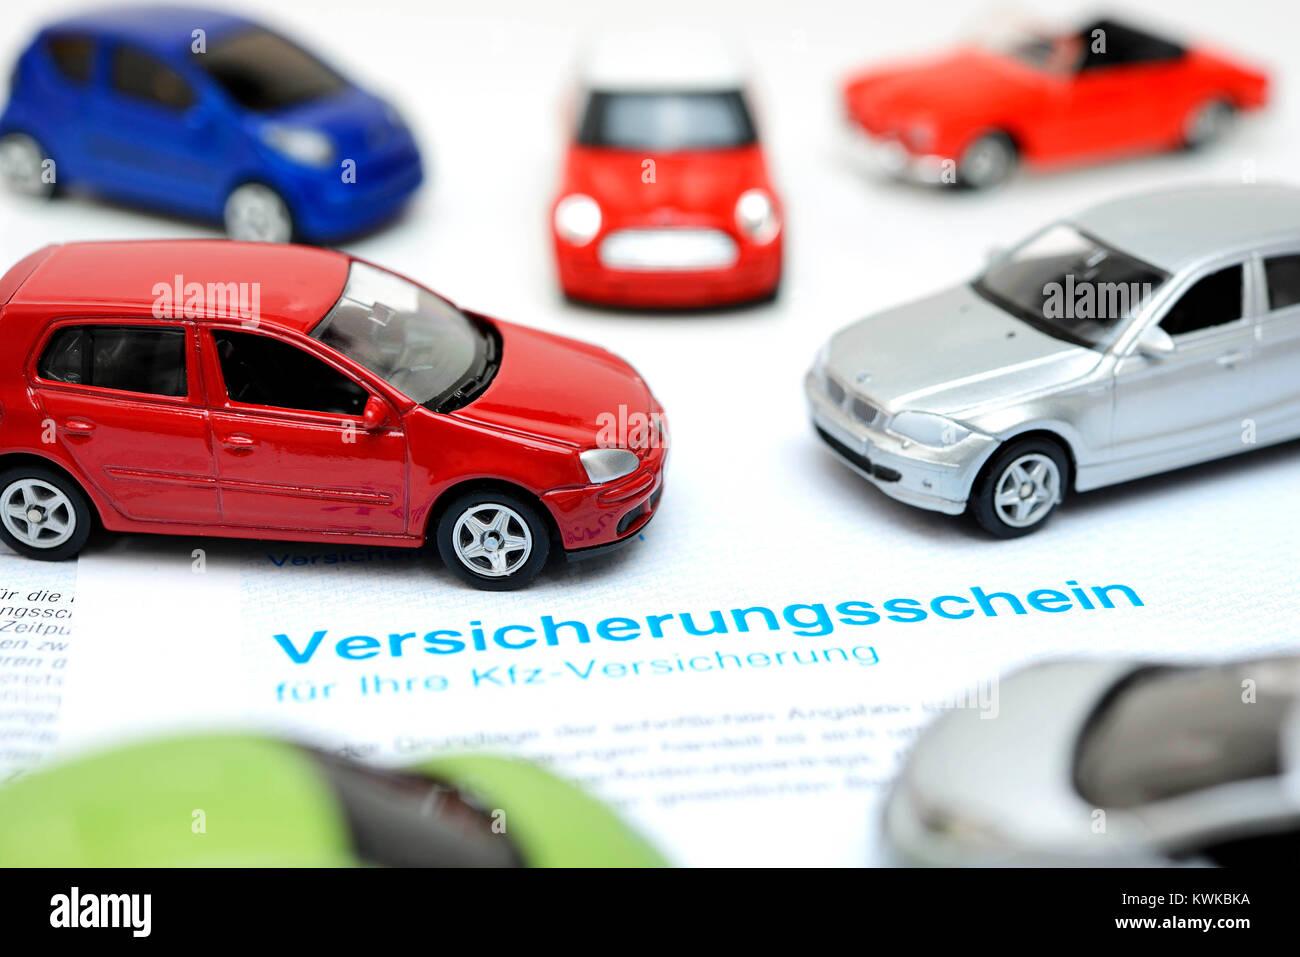 Miniature cars and insurance policy, vehicle assurance, Miniaturautos und Versicherungsschein, Kfz-Versicherung - Stock Image